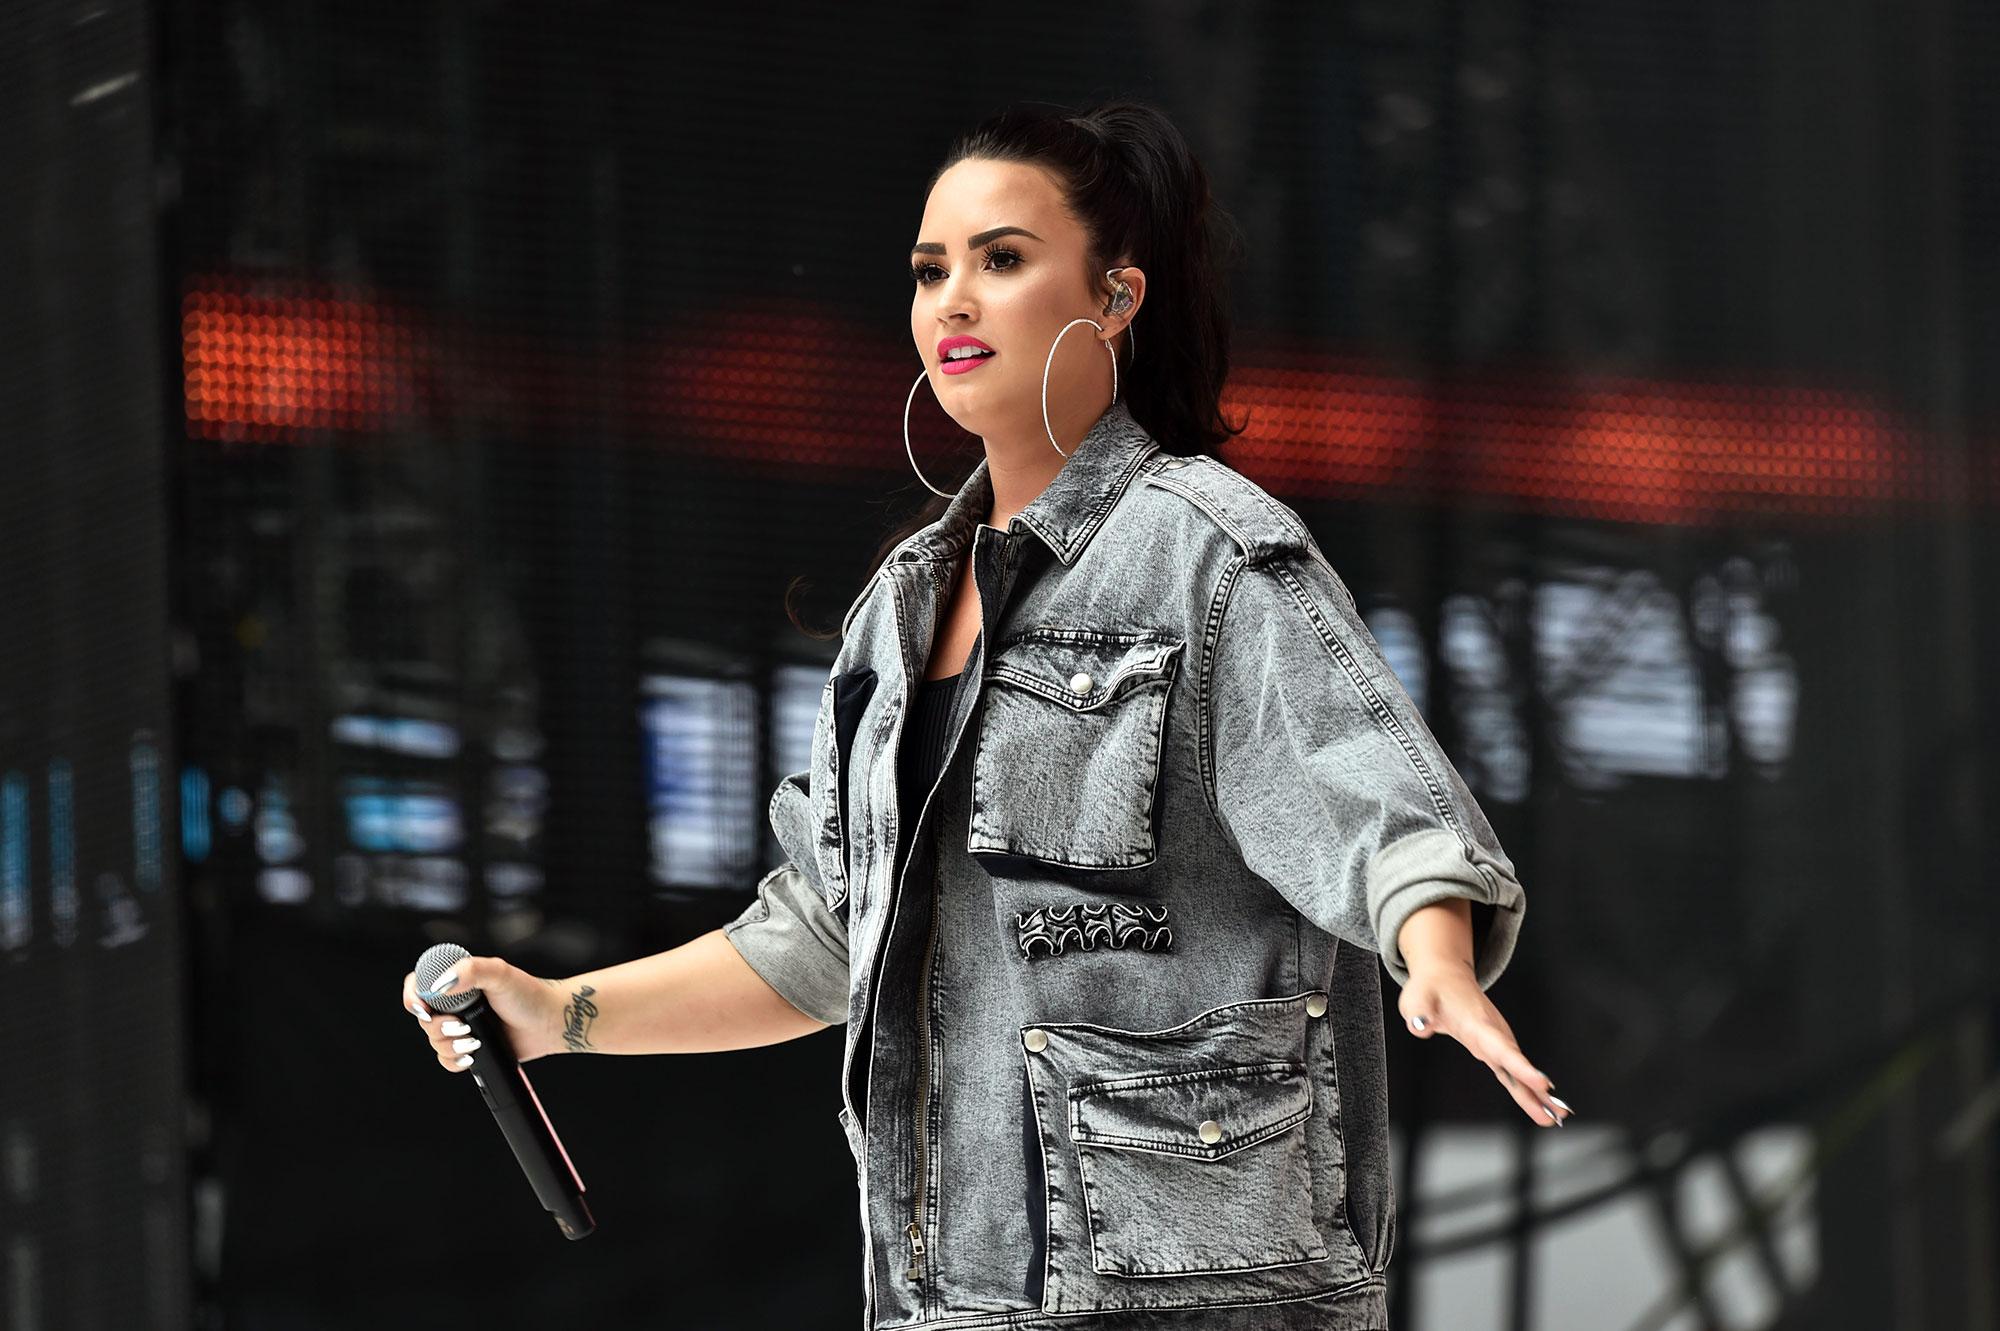 Demi Lovato sober coach fired